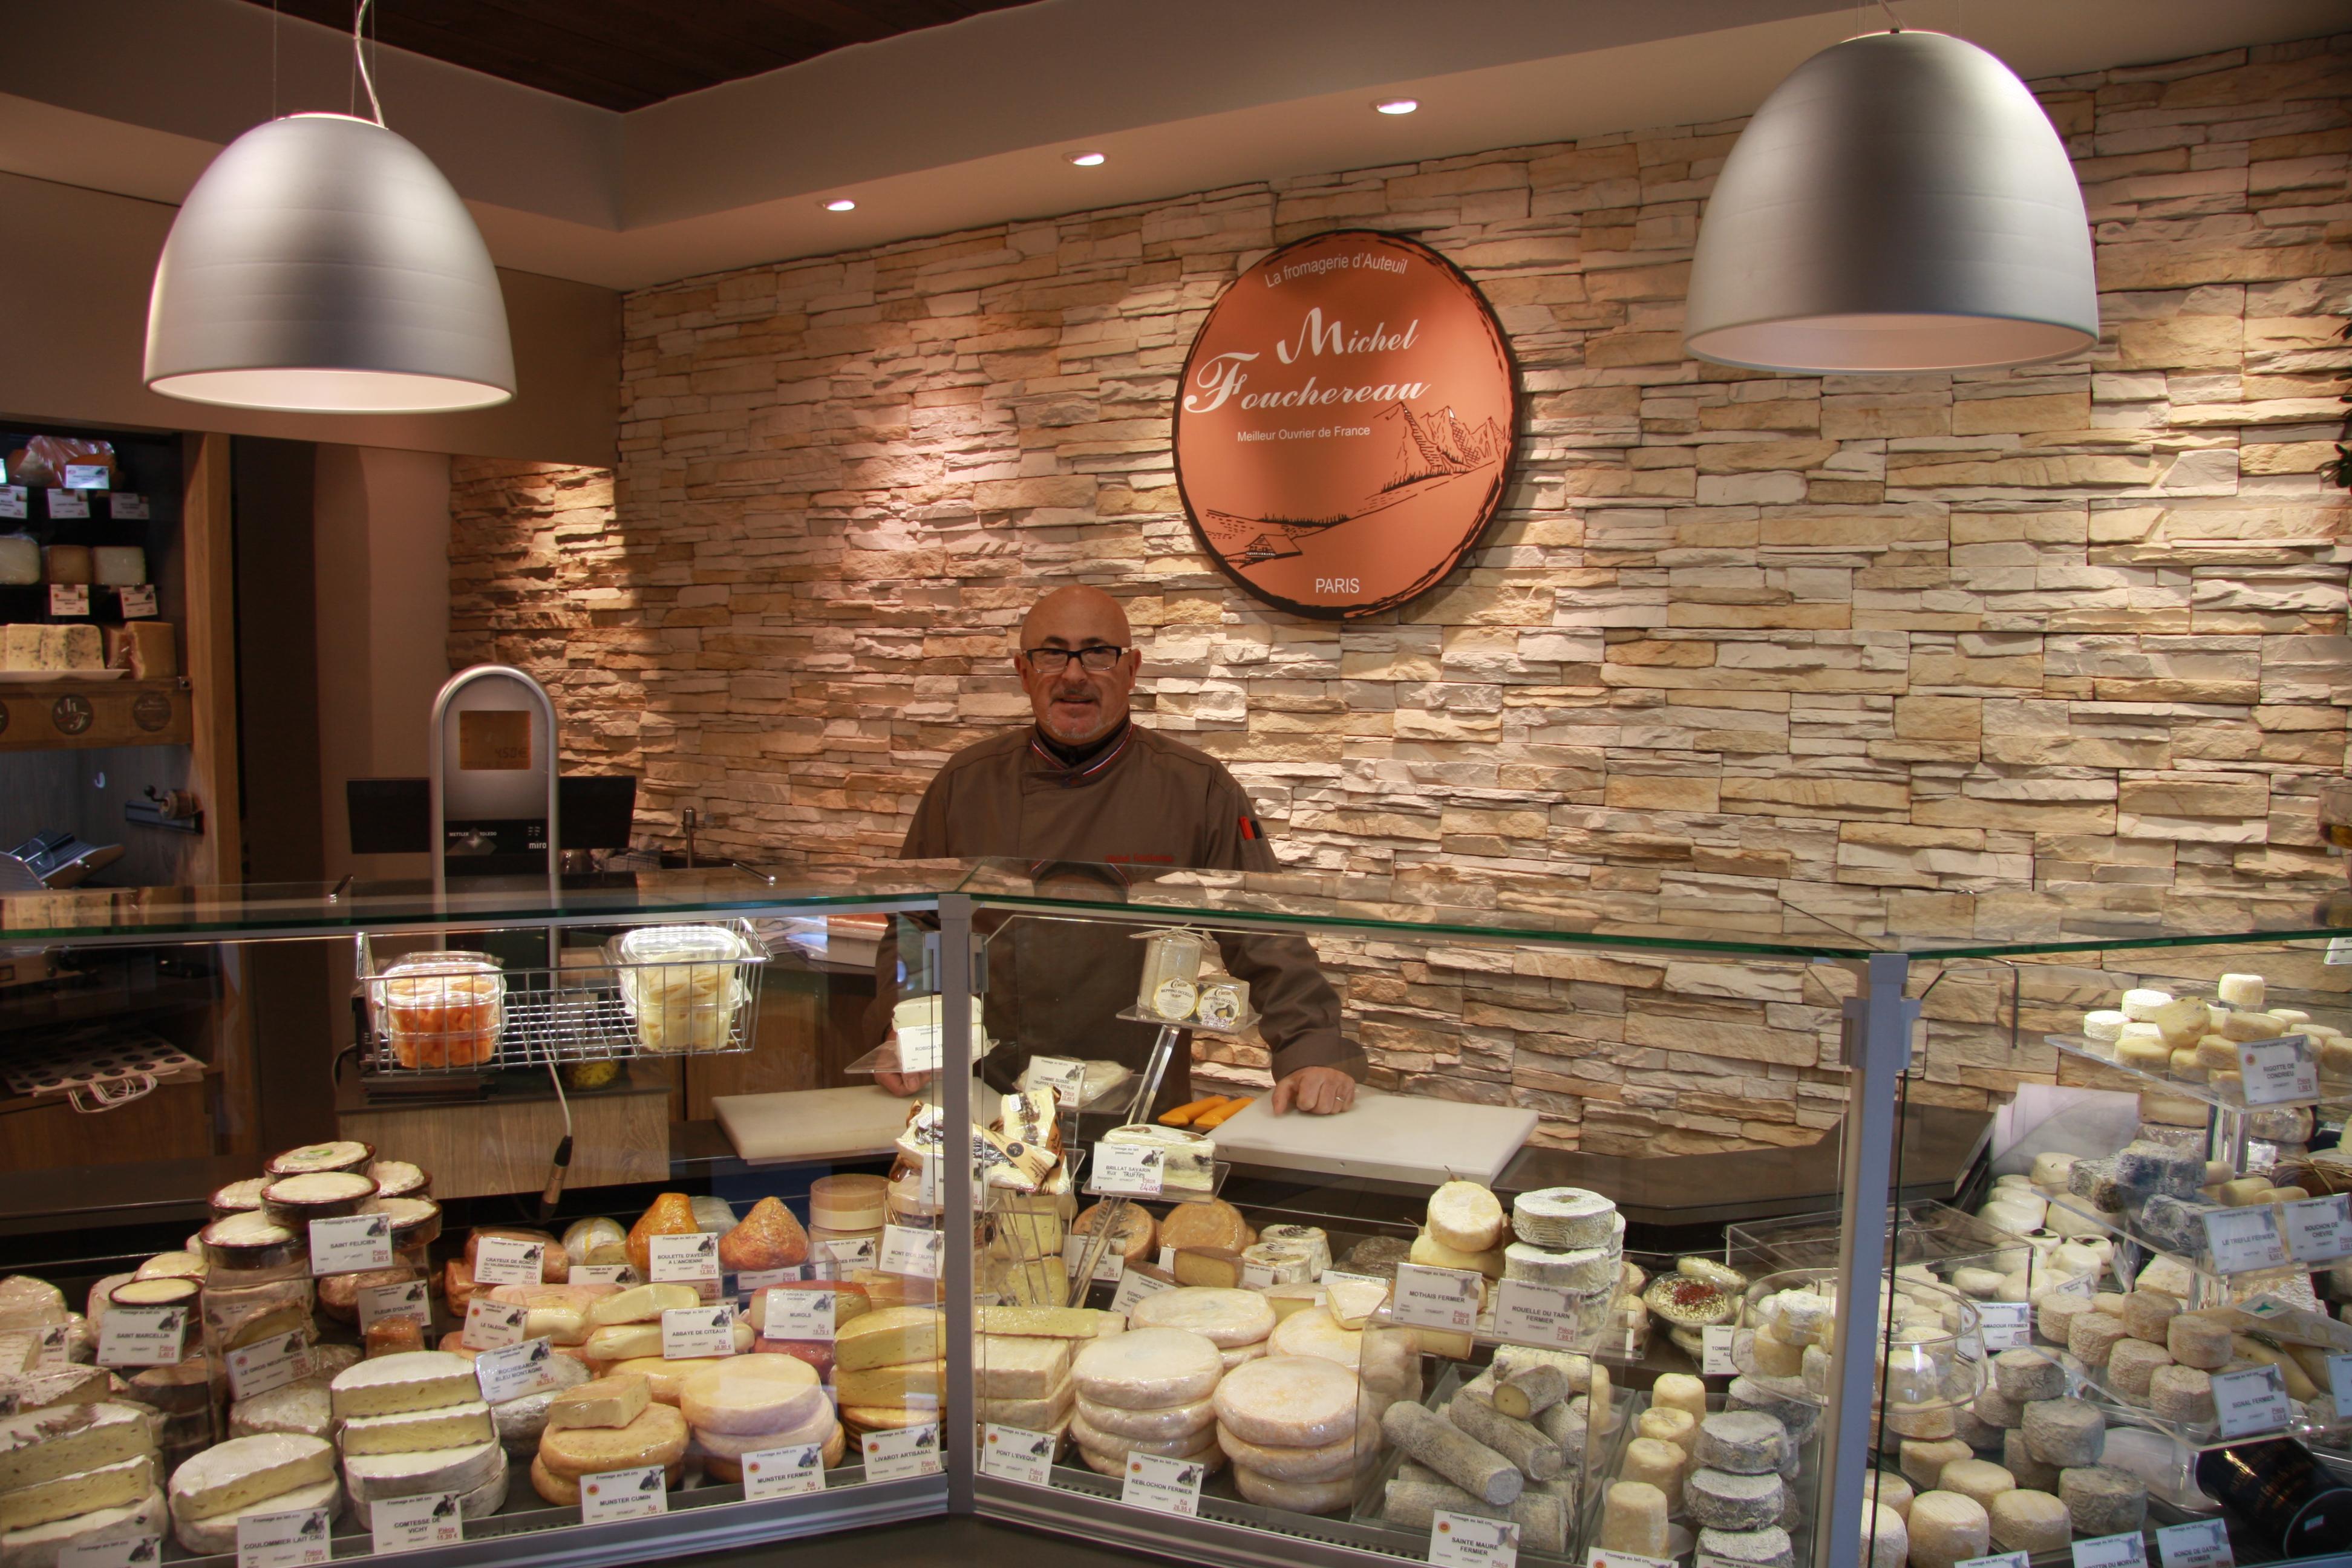 Michel Fouchereau : « L'art du fromage, c'est contribuer à la bonne évolution d'un produit fini ».